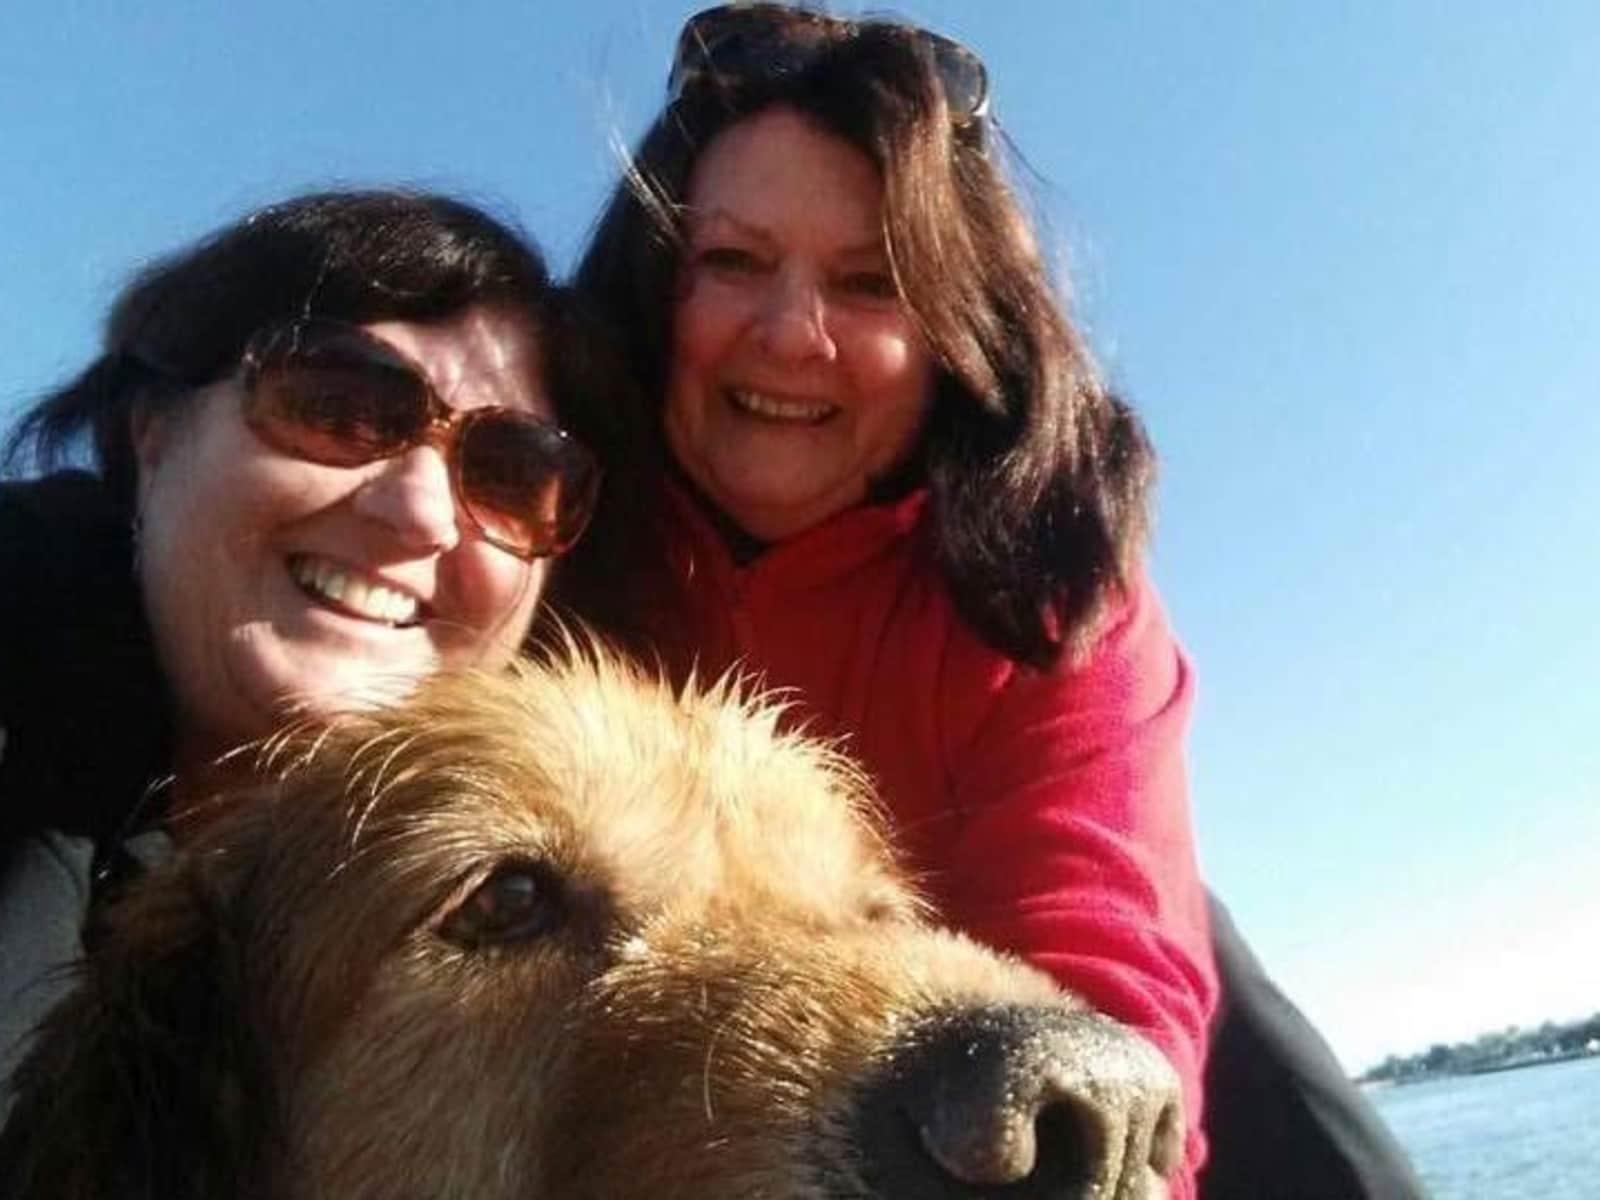 Patricia & Kaye from Inverloch, Victoria, Australia